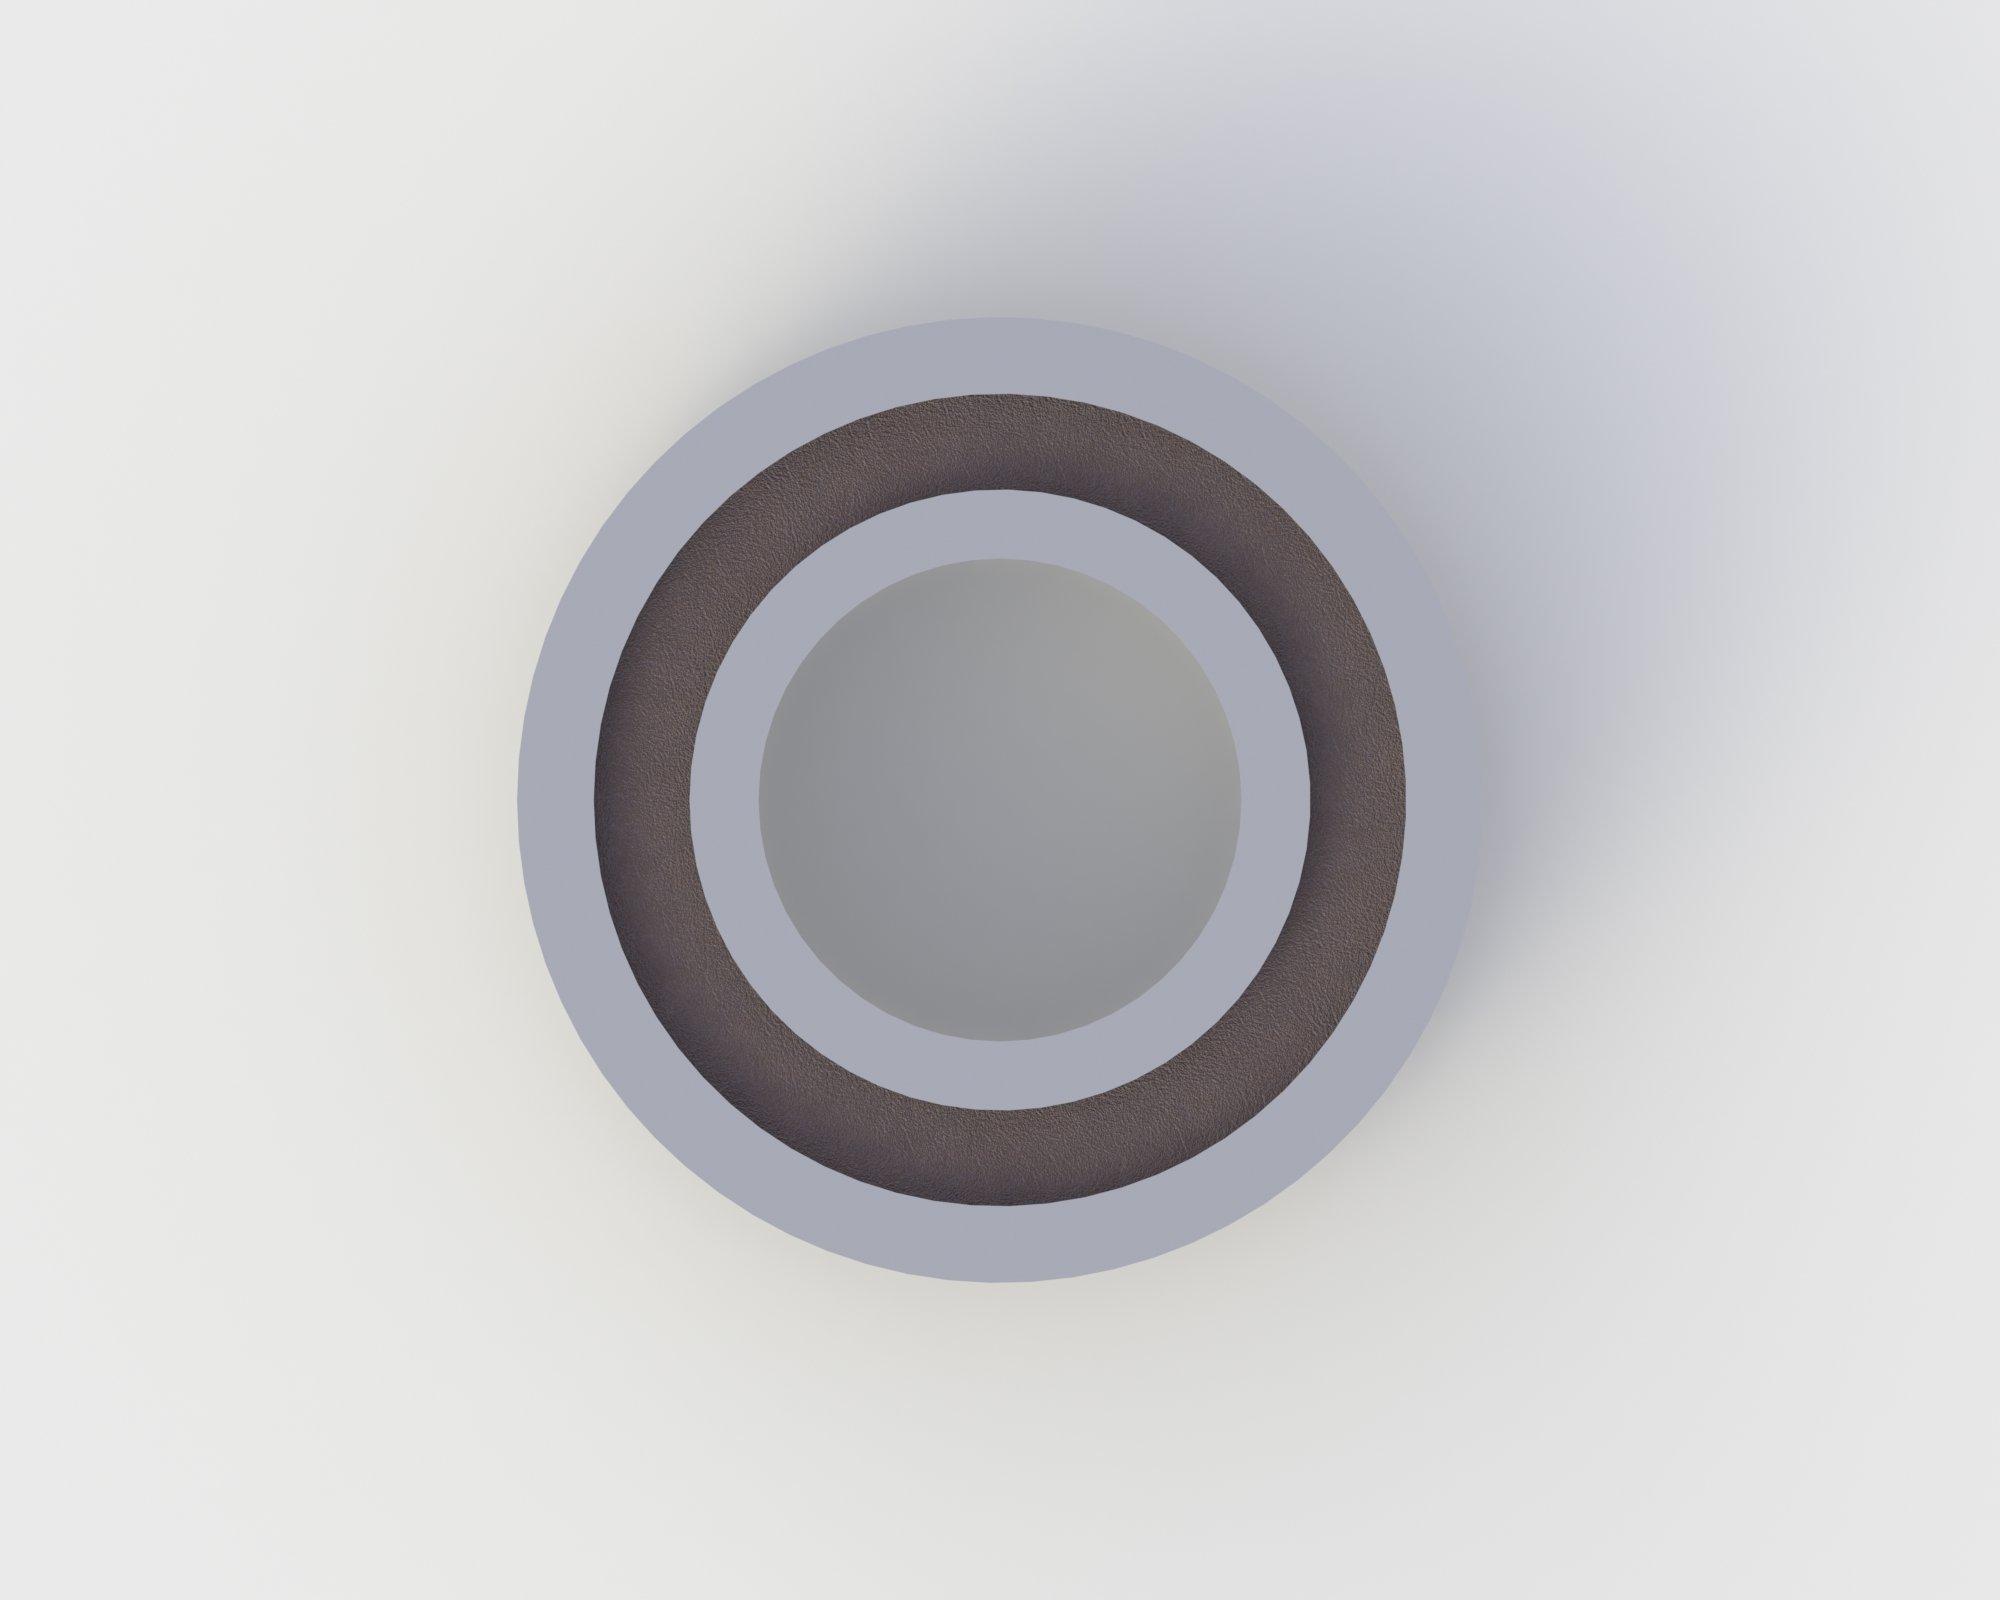 W&H Bearing - Ceramic